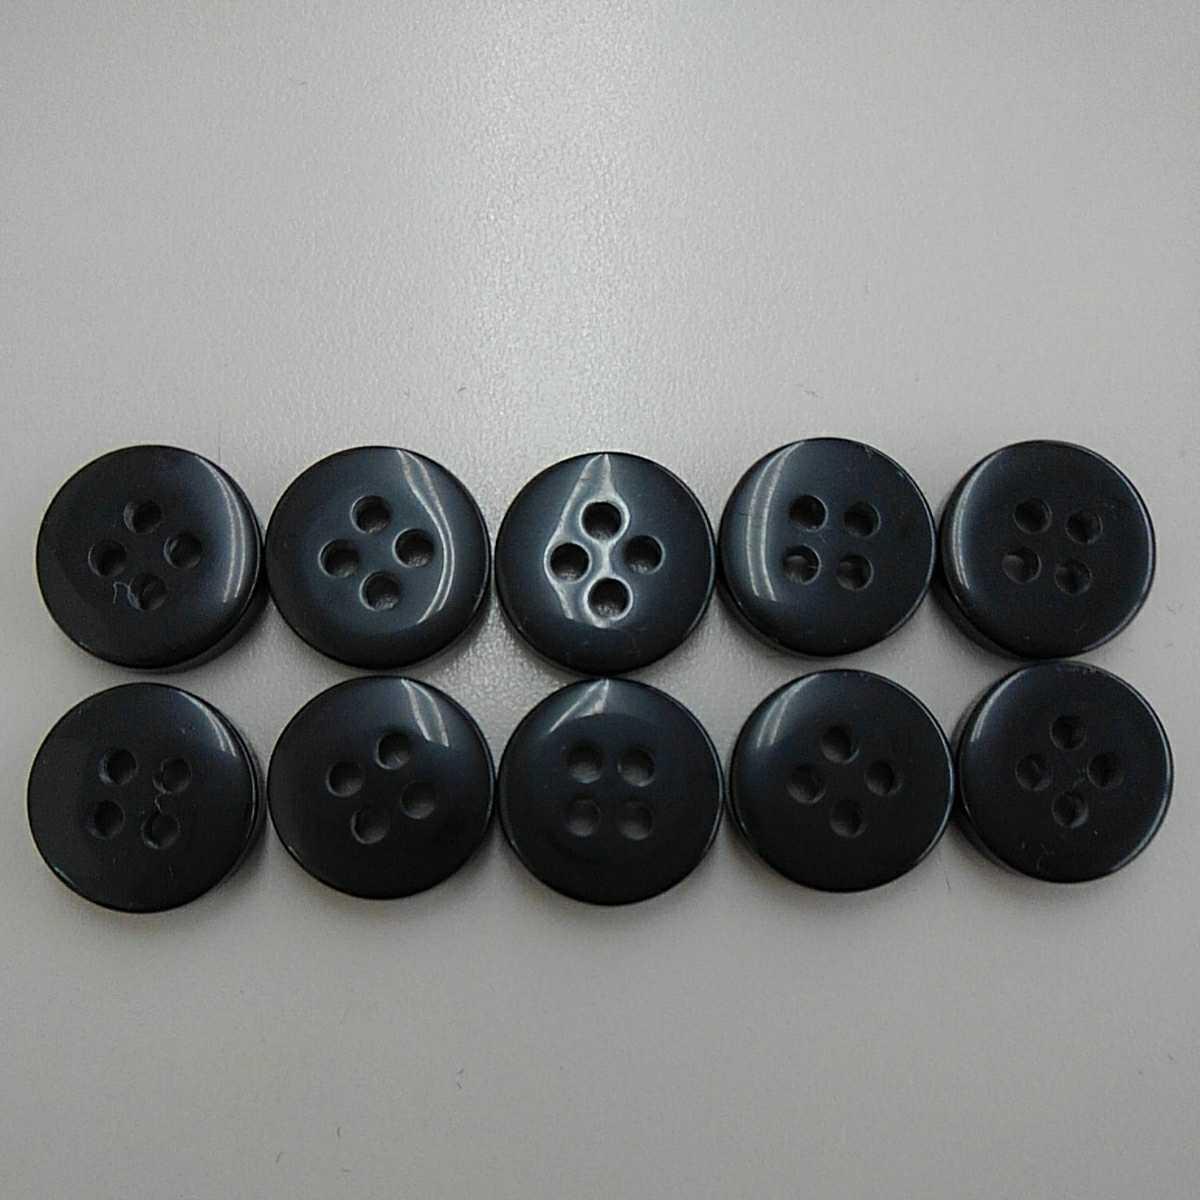 ◆シャツ用 ボタン 10個 クリアブラック◆_画像2